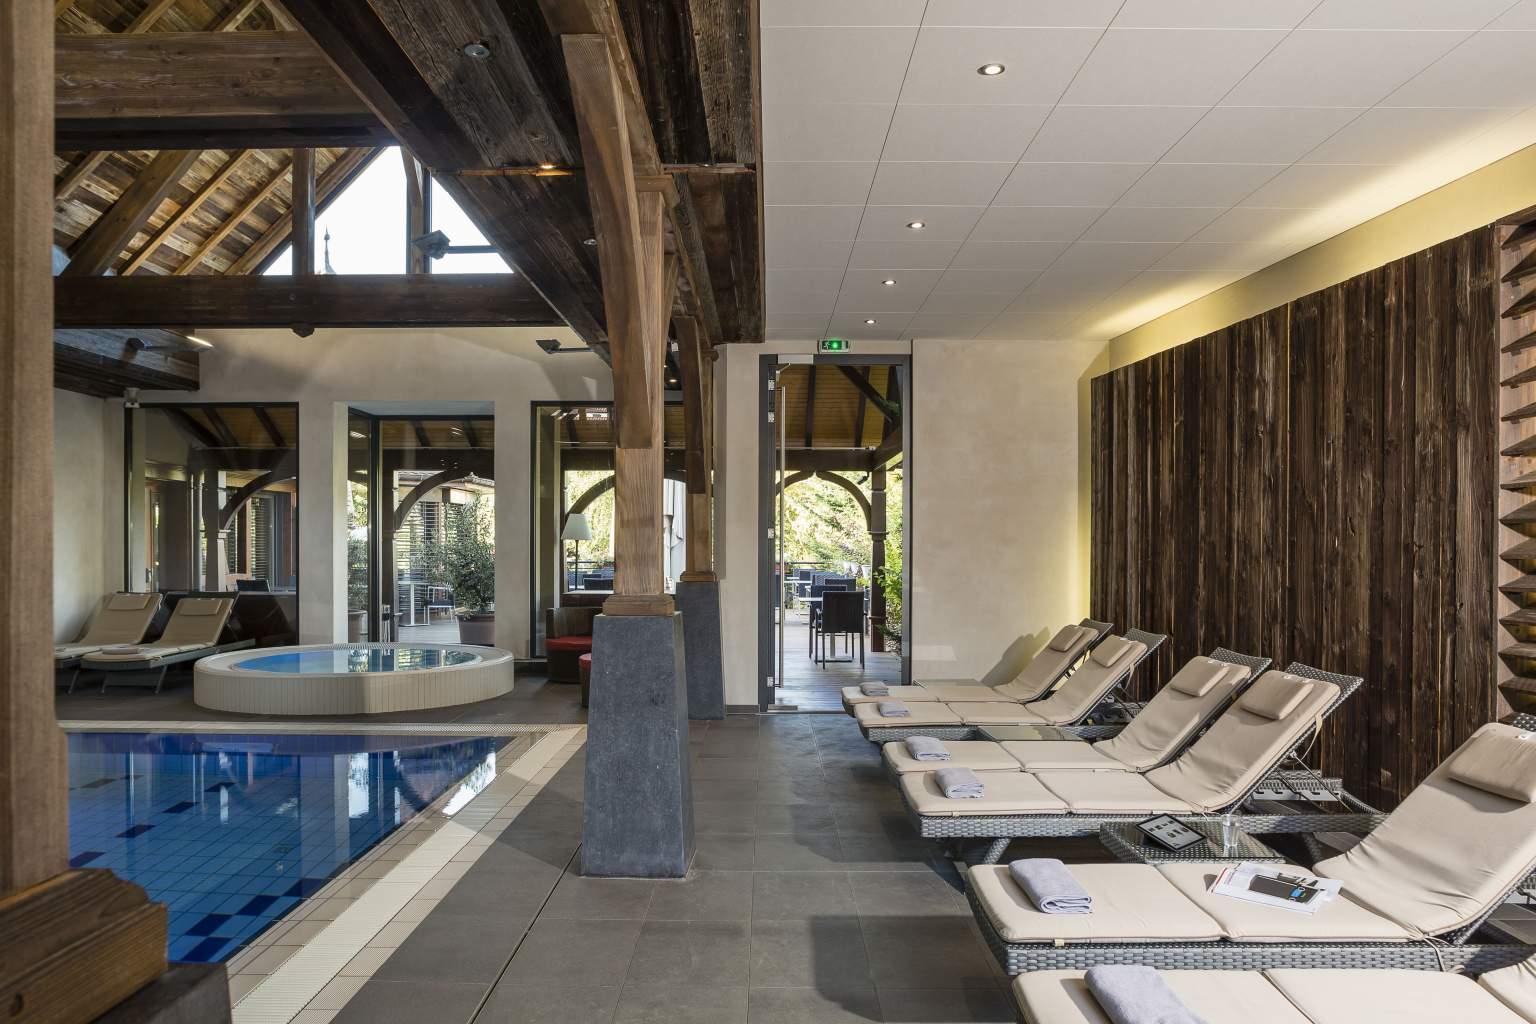 Transats piscine Le Parc à Saint Hippolyte - Hotel Piscine Spa en Alsace